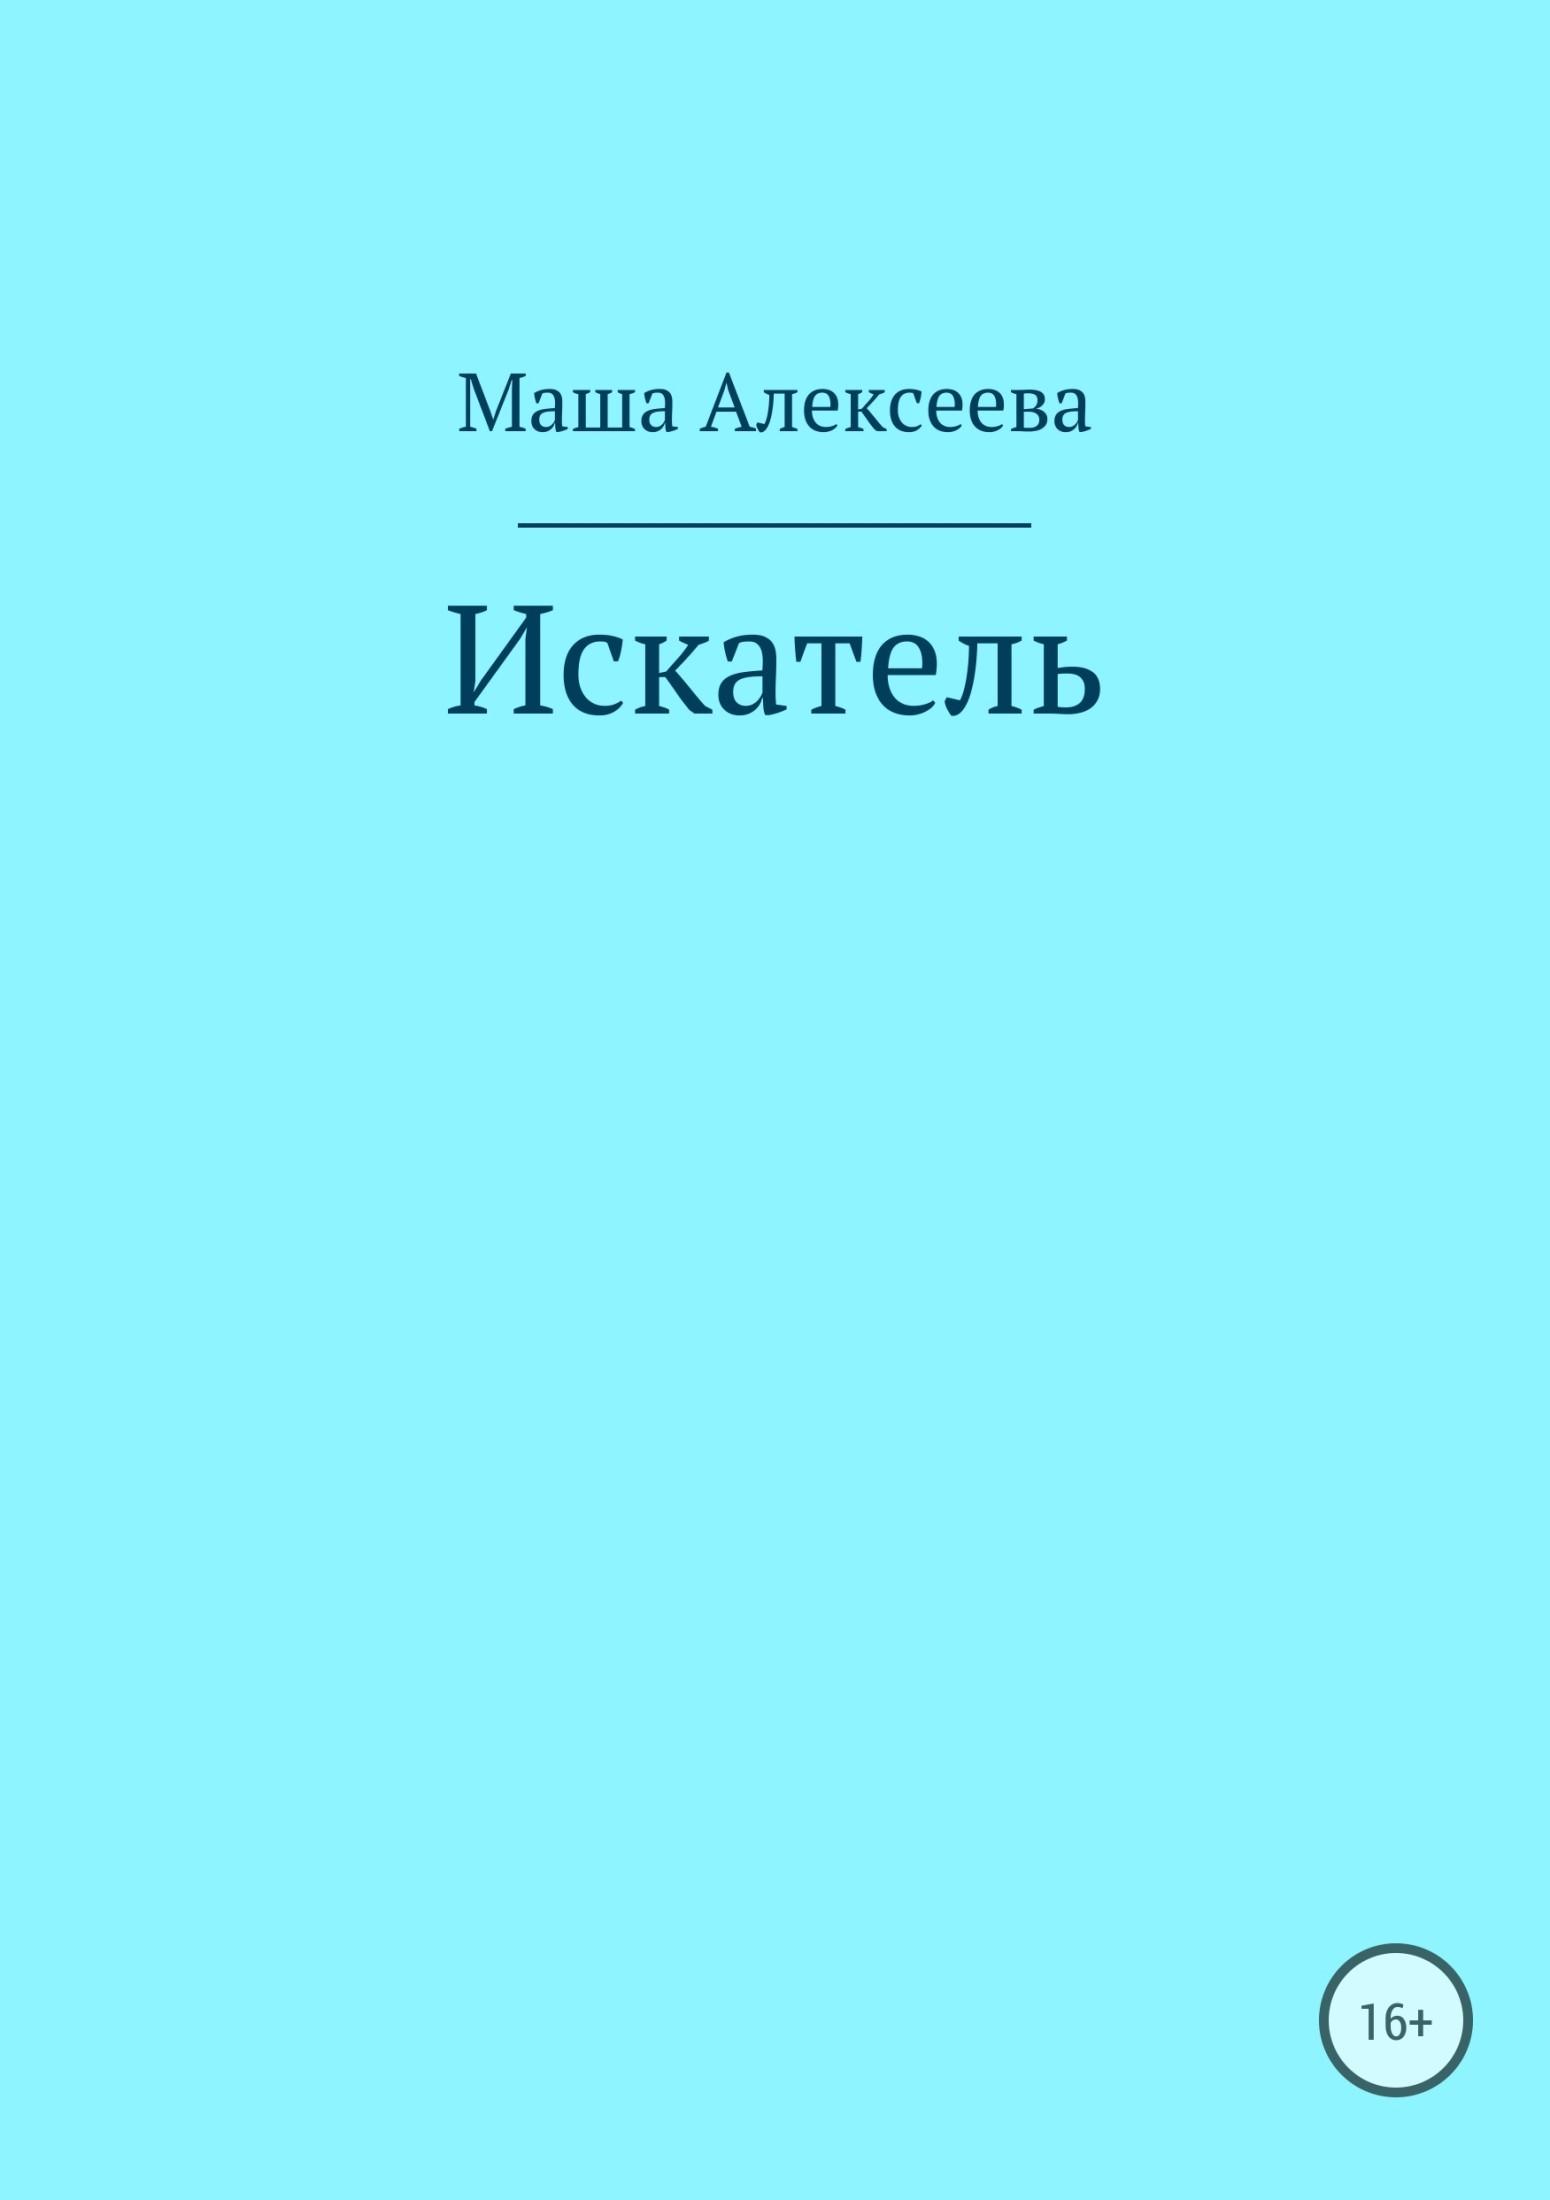 Маша Алексеева Искатель мухаммад таки джа фари благоразумная жизнь